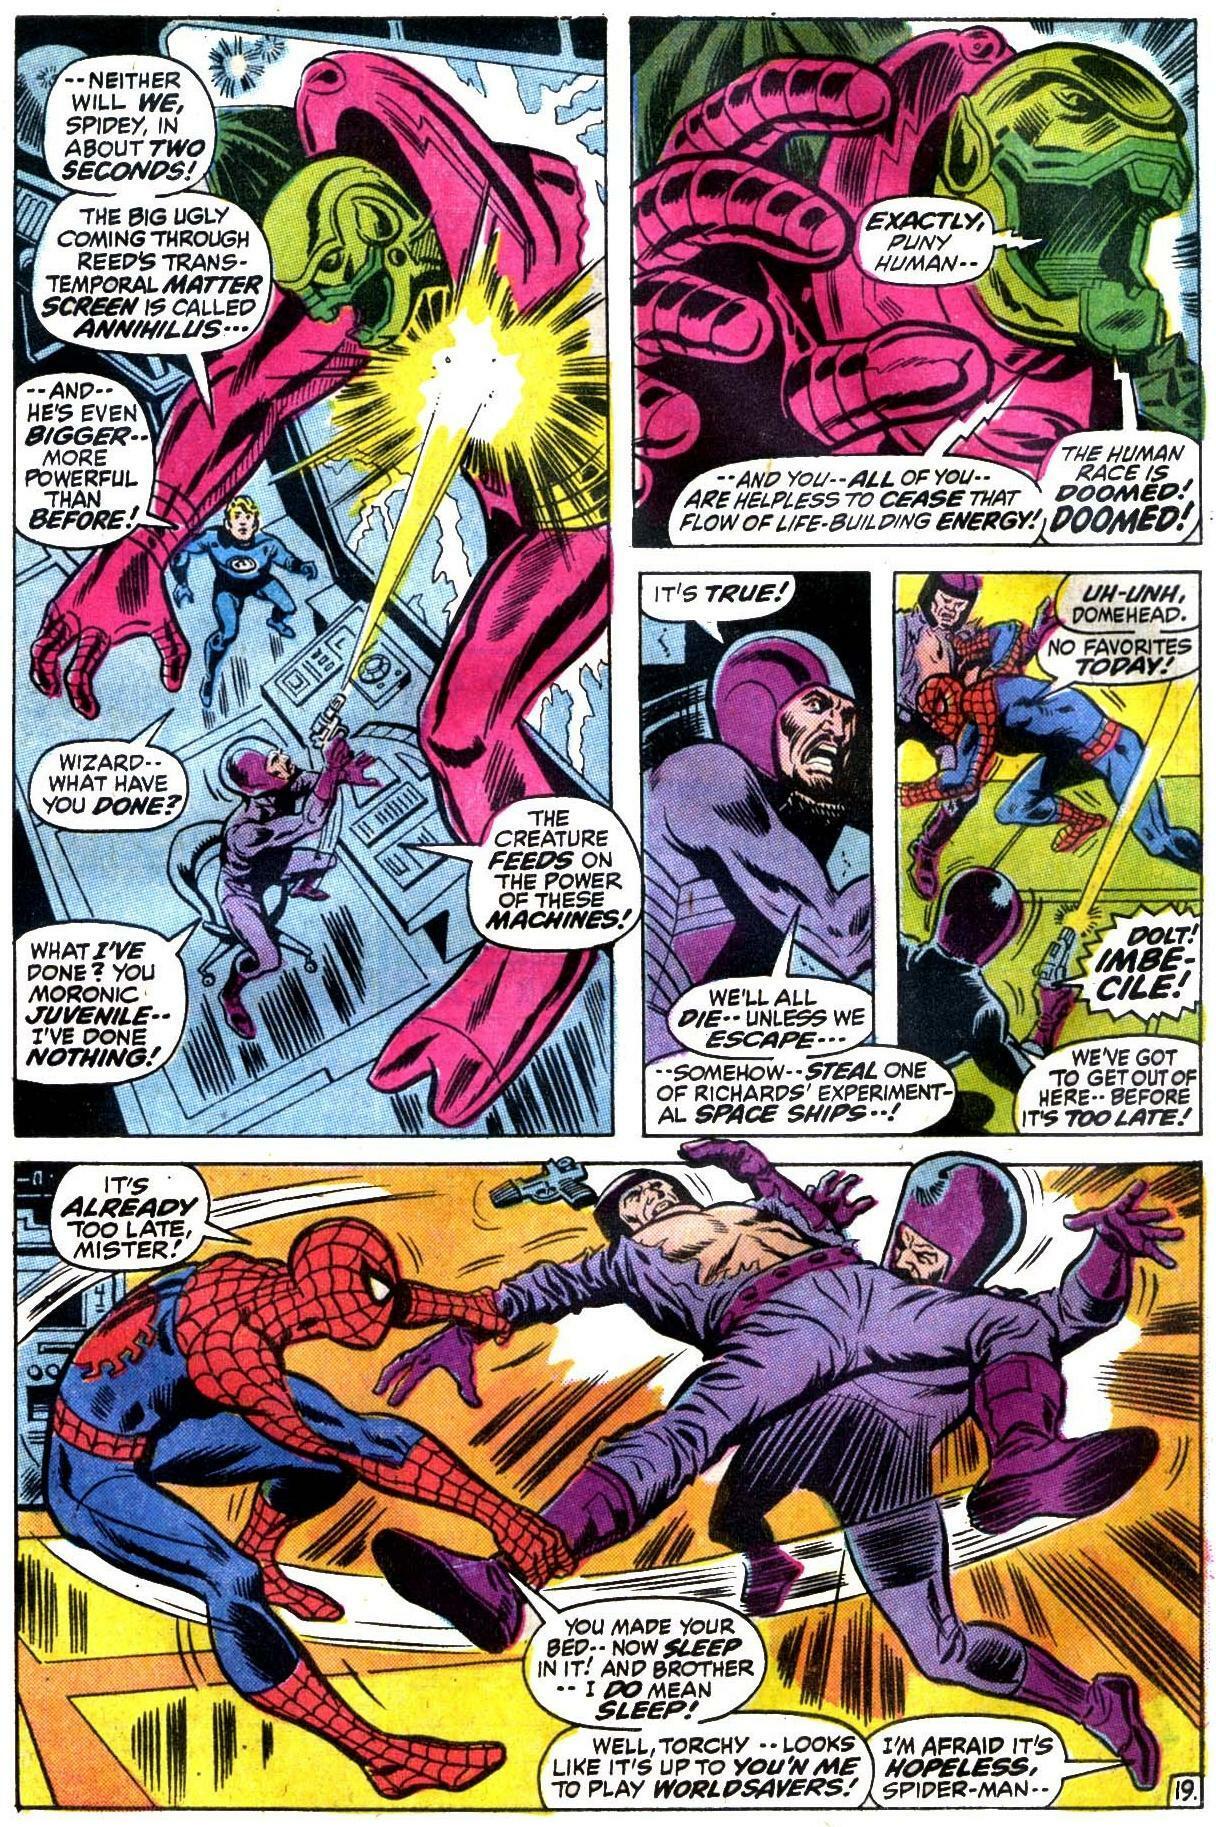 Marvel Team-Up Vol. 1 #2